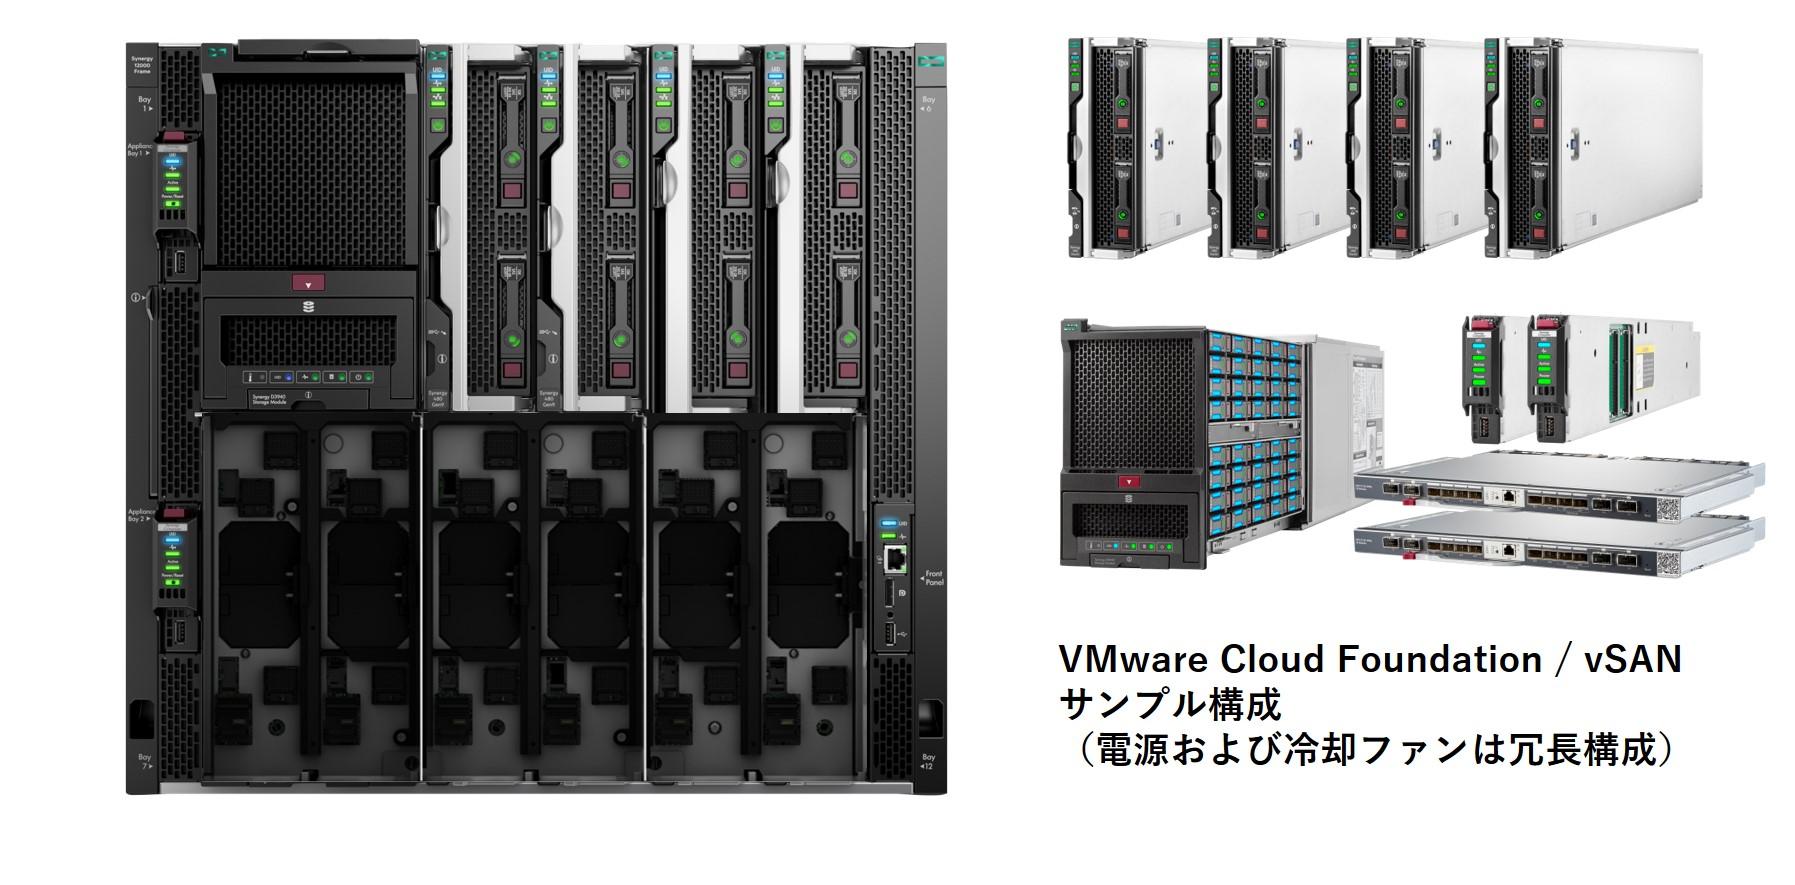 VMware Cloud Foundation / vSAN サンプル構成